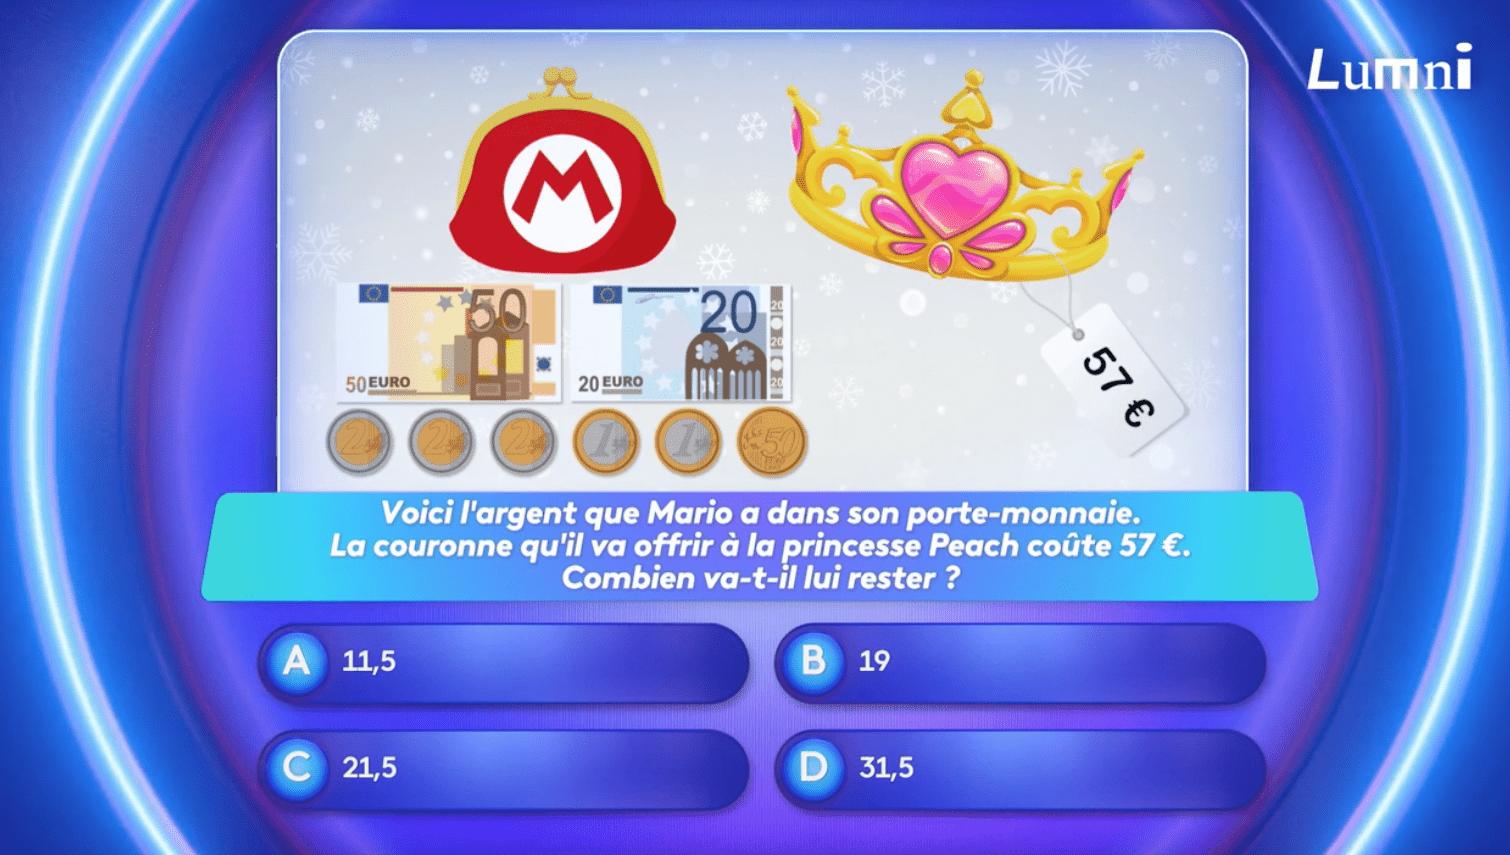 question mathématiques sur le jeu Mario Bros - le jeu Lumni avec Alexis et Lou